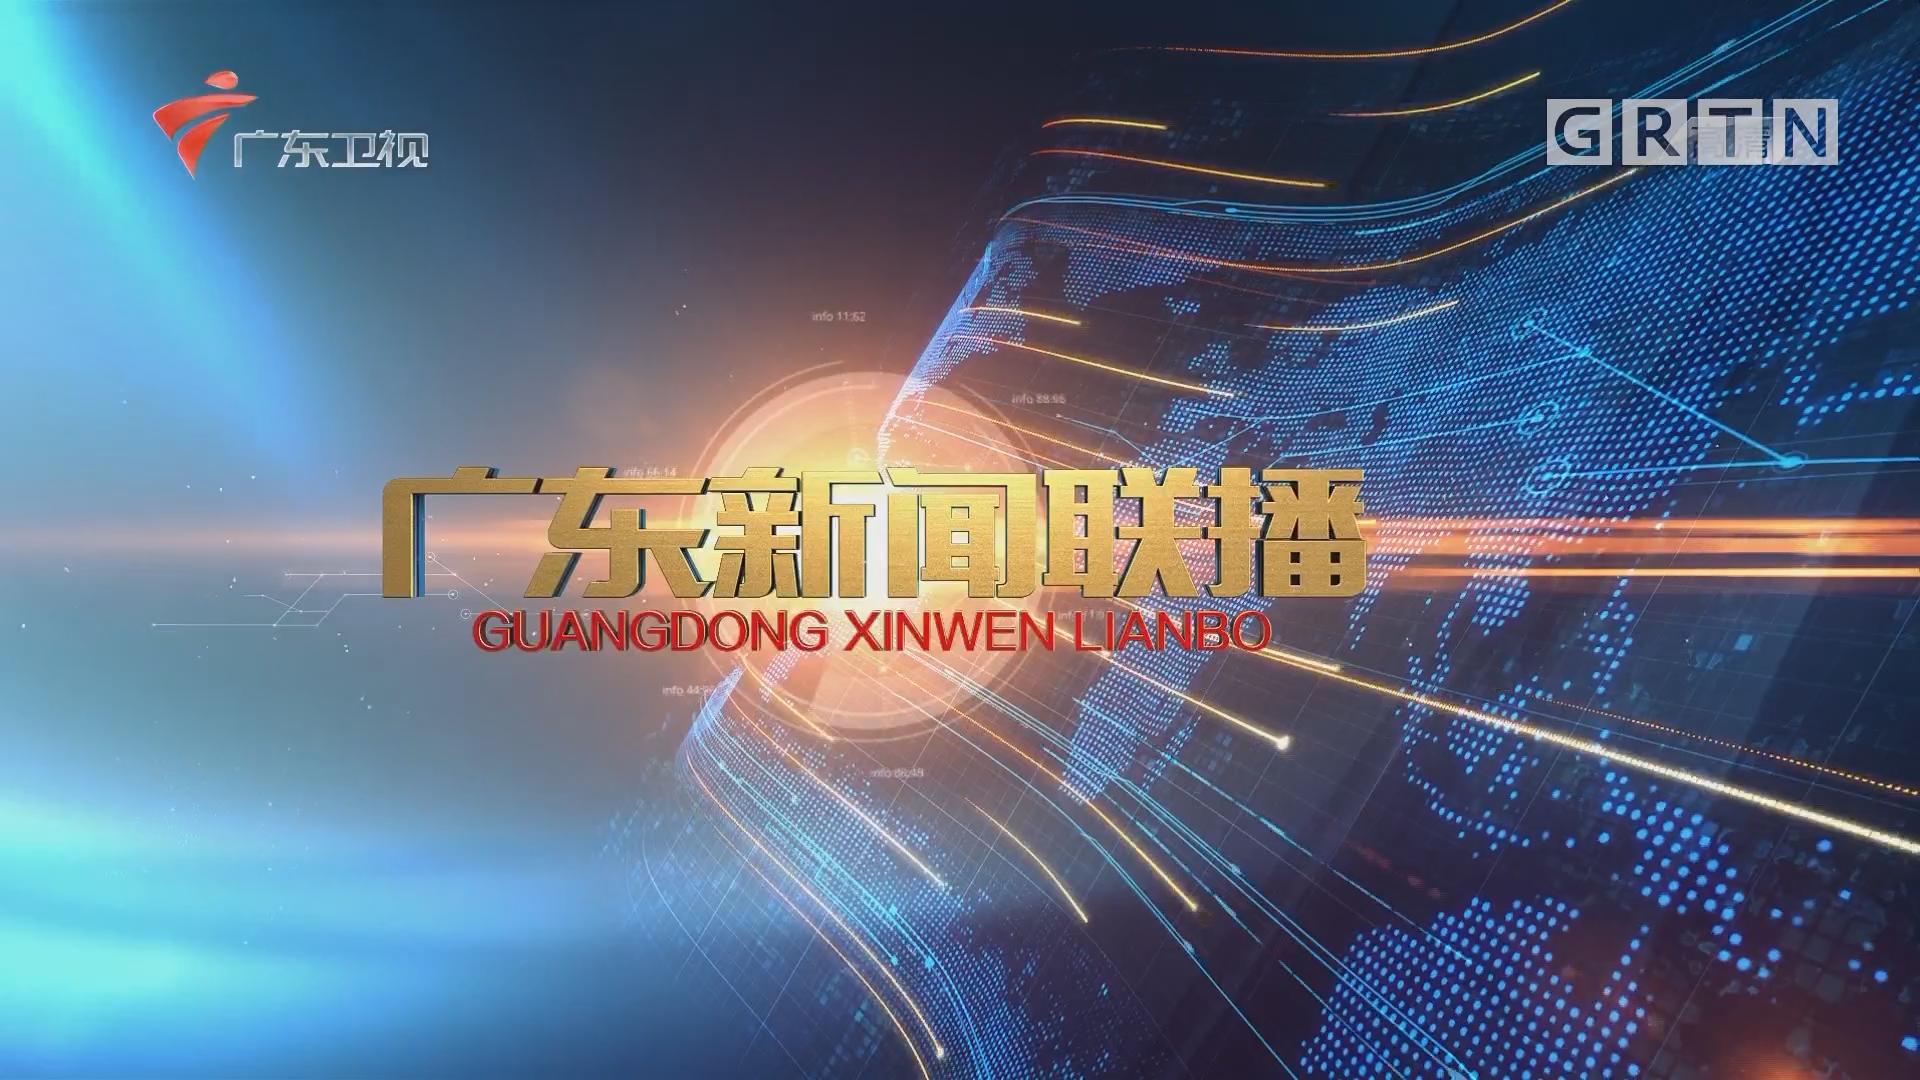 [HD][2018-07-30]广东新闻联播:全省组织工作会议在广州召开 李希出席会议并讲话 马兴瑞主持